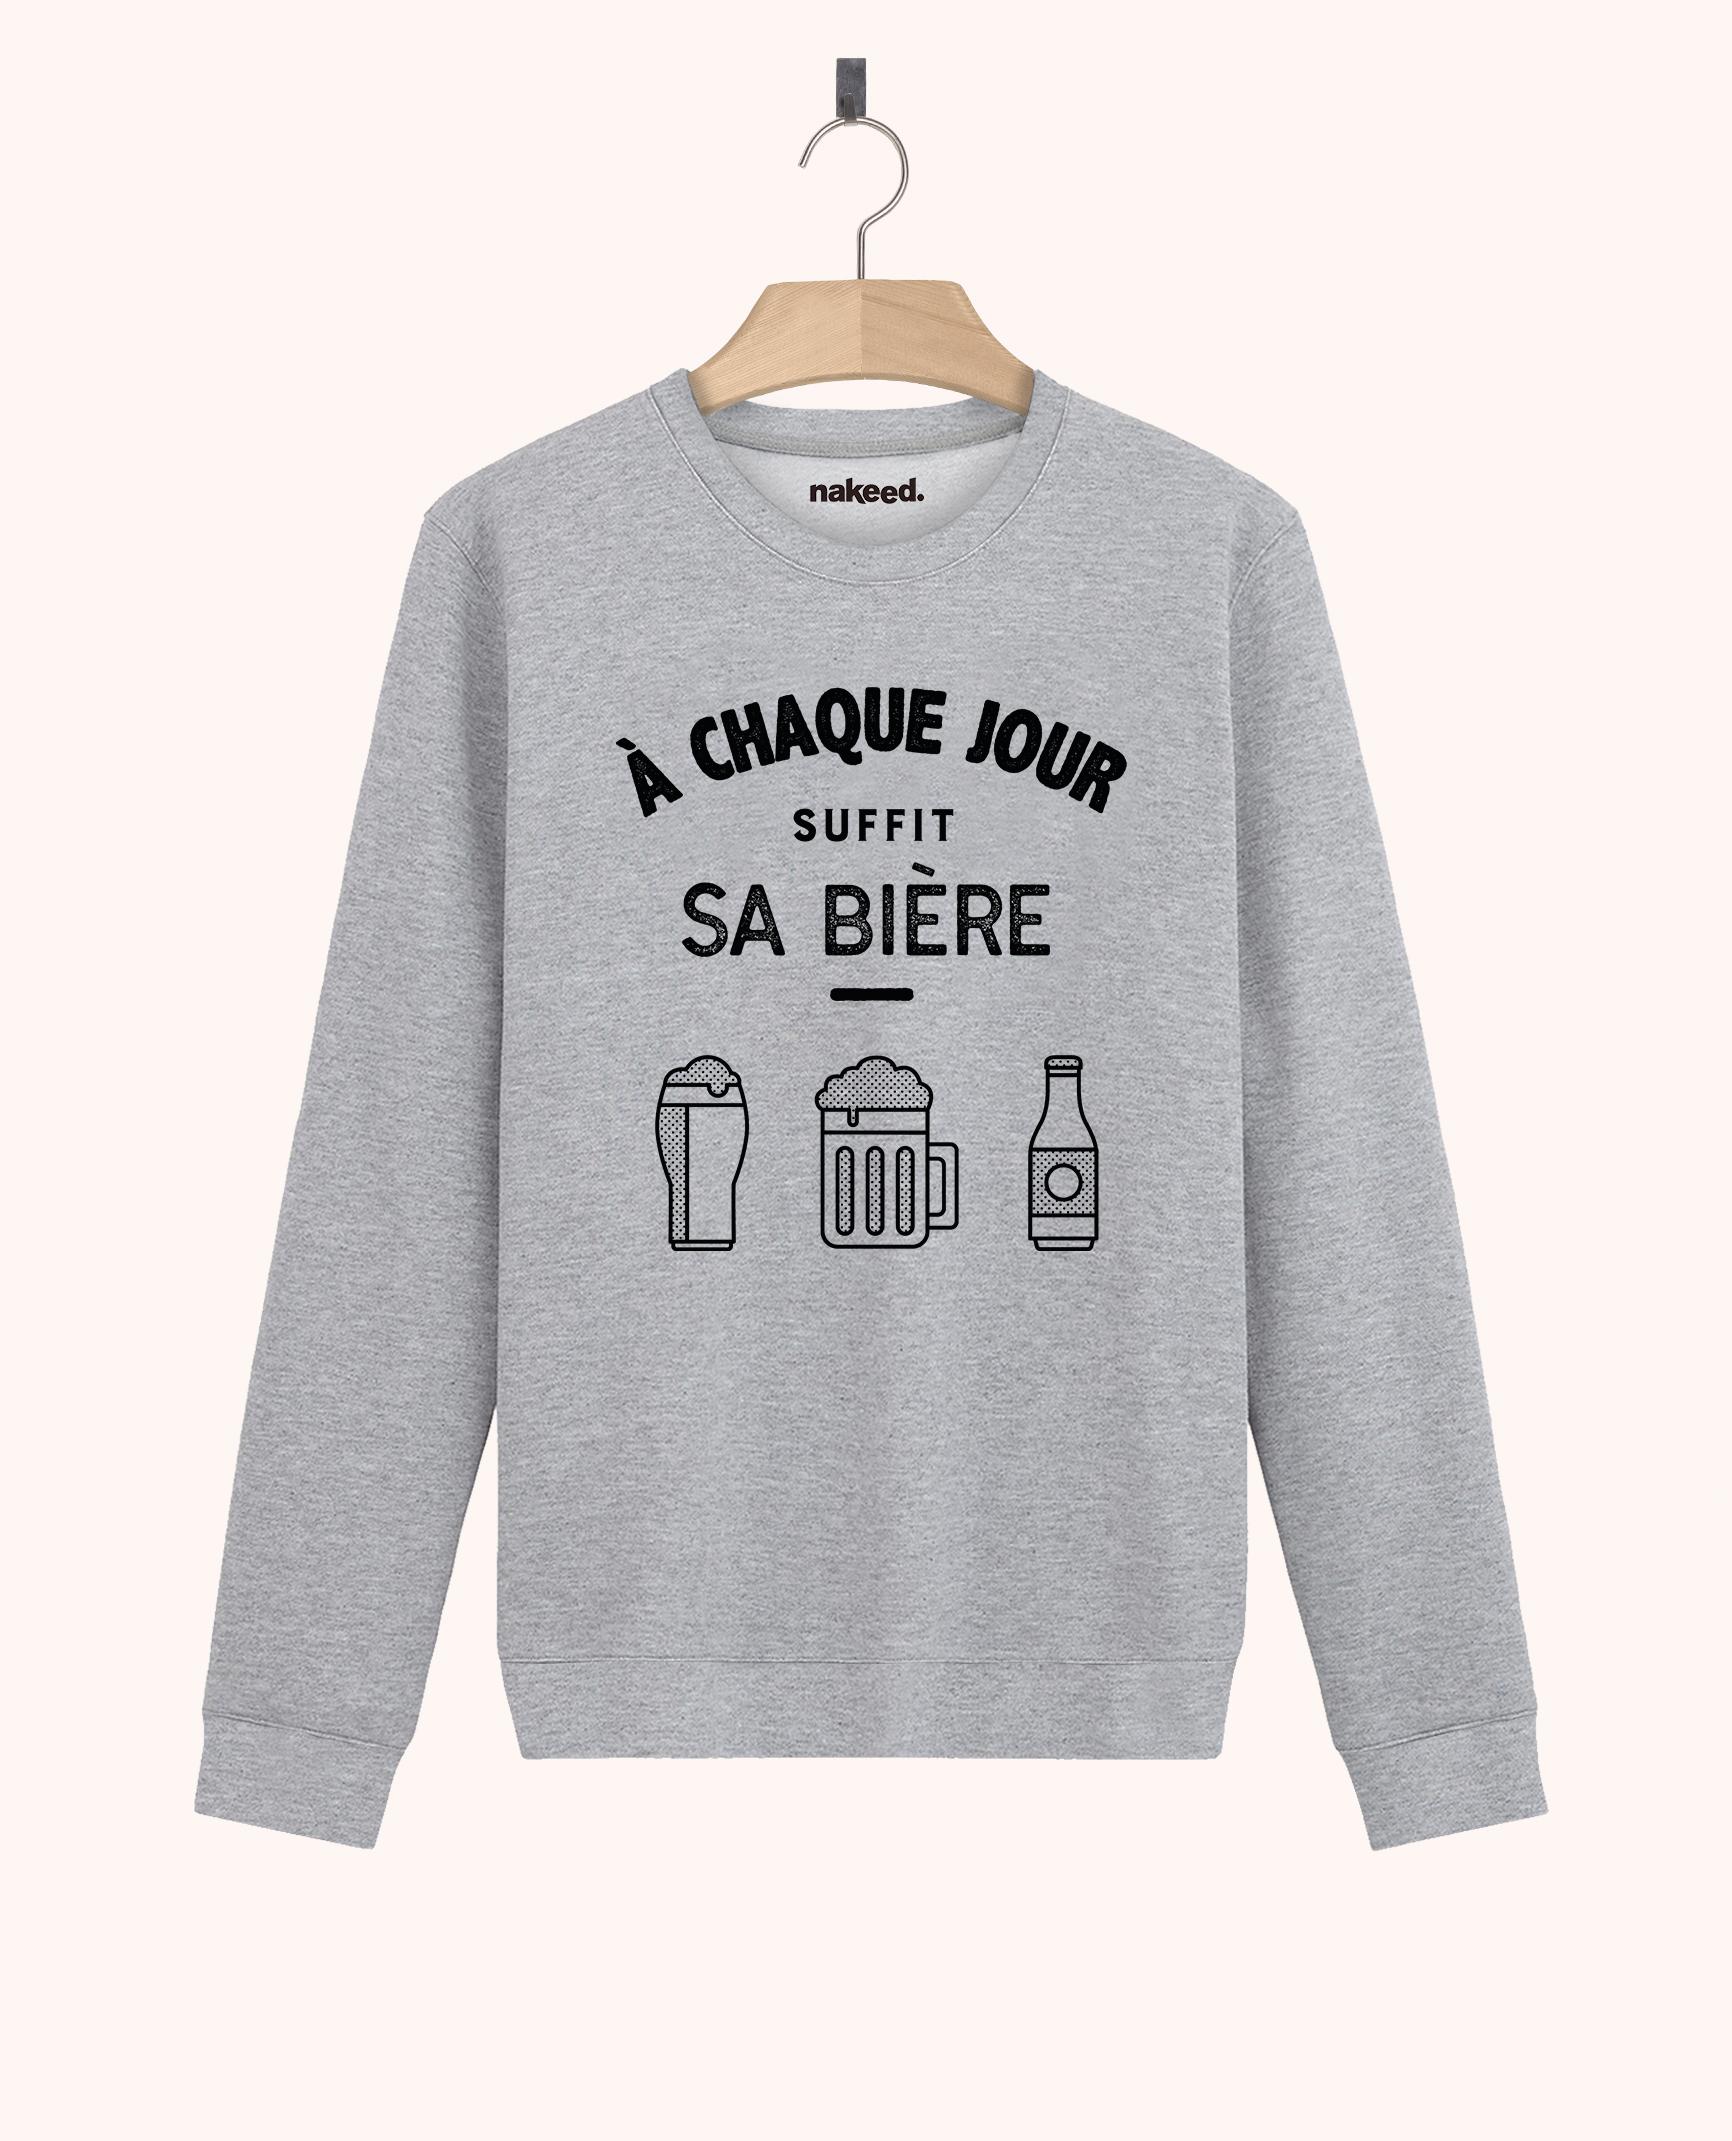 Sweatshirt A chaque jour suffit sa bière